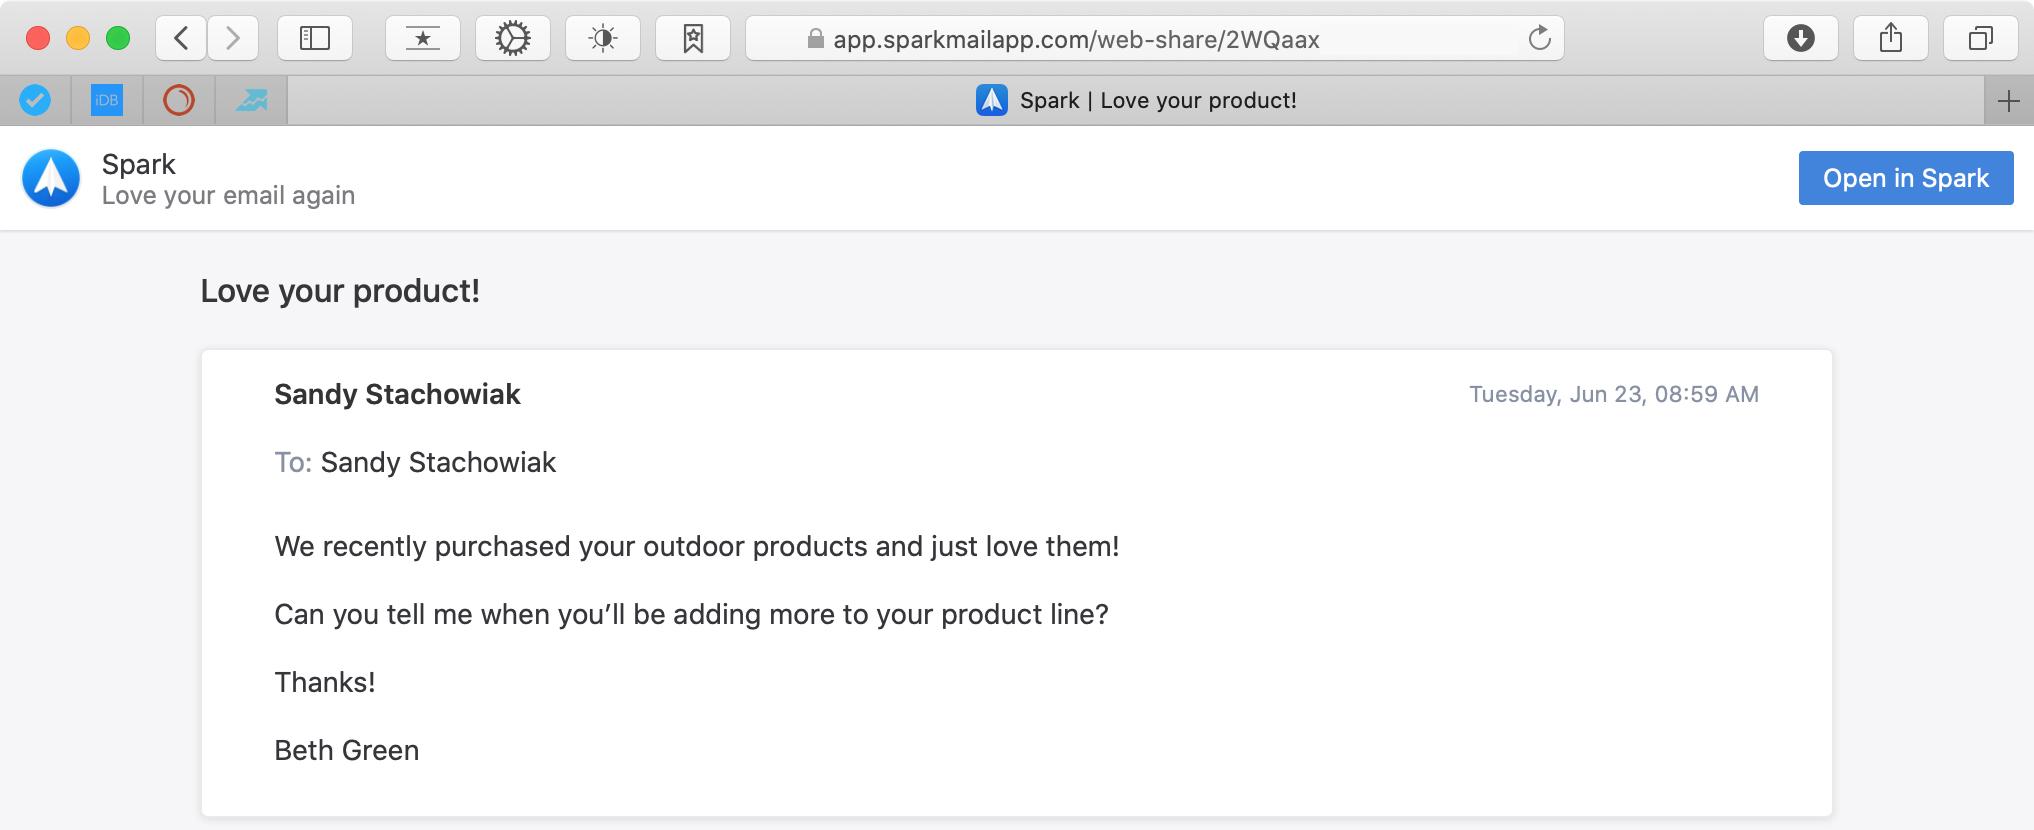 Spark Email Link in Safari Mac